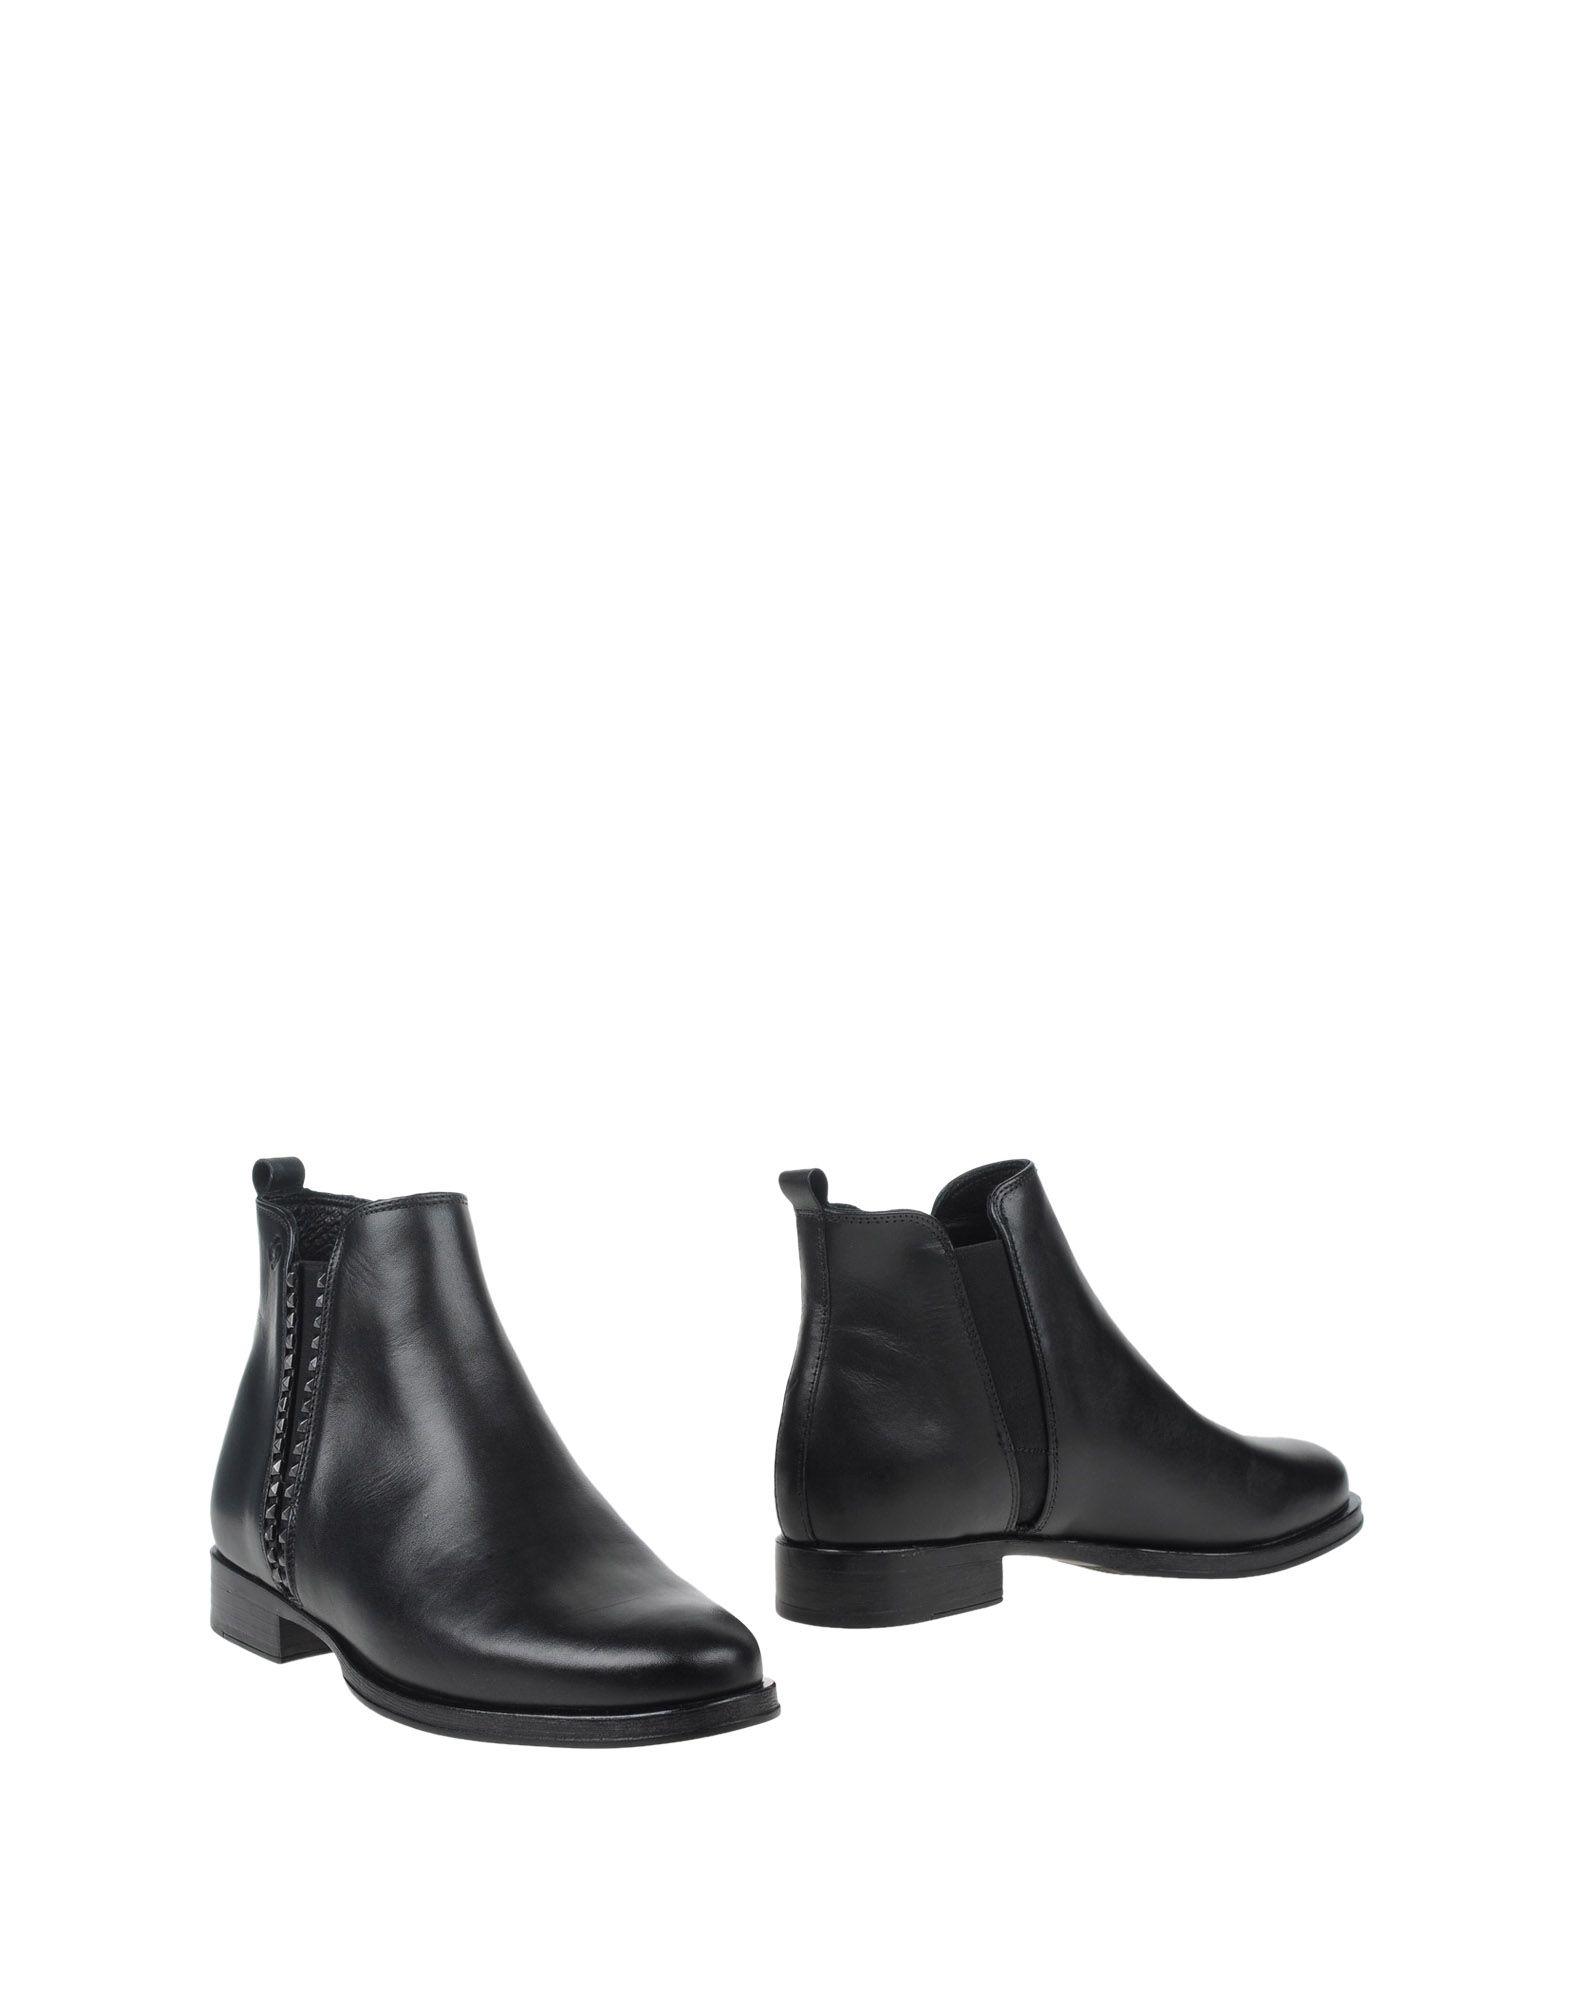 SAMSONITE Ankle Boot in Black